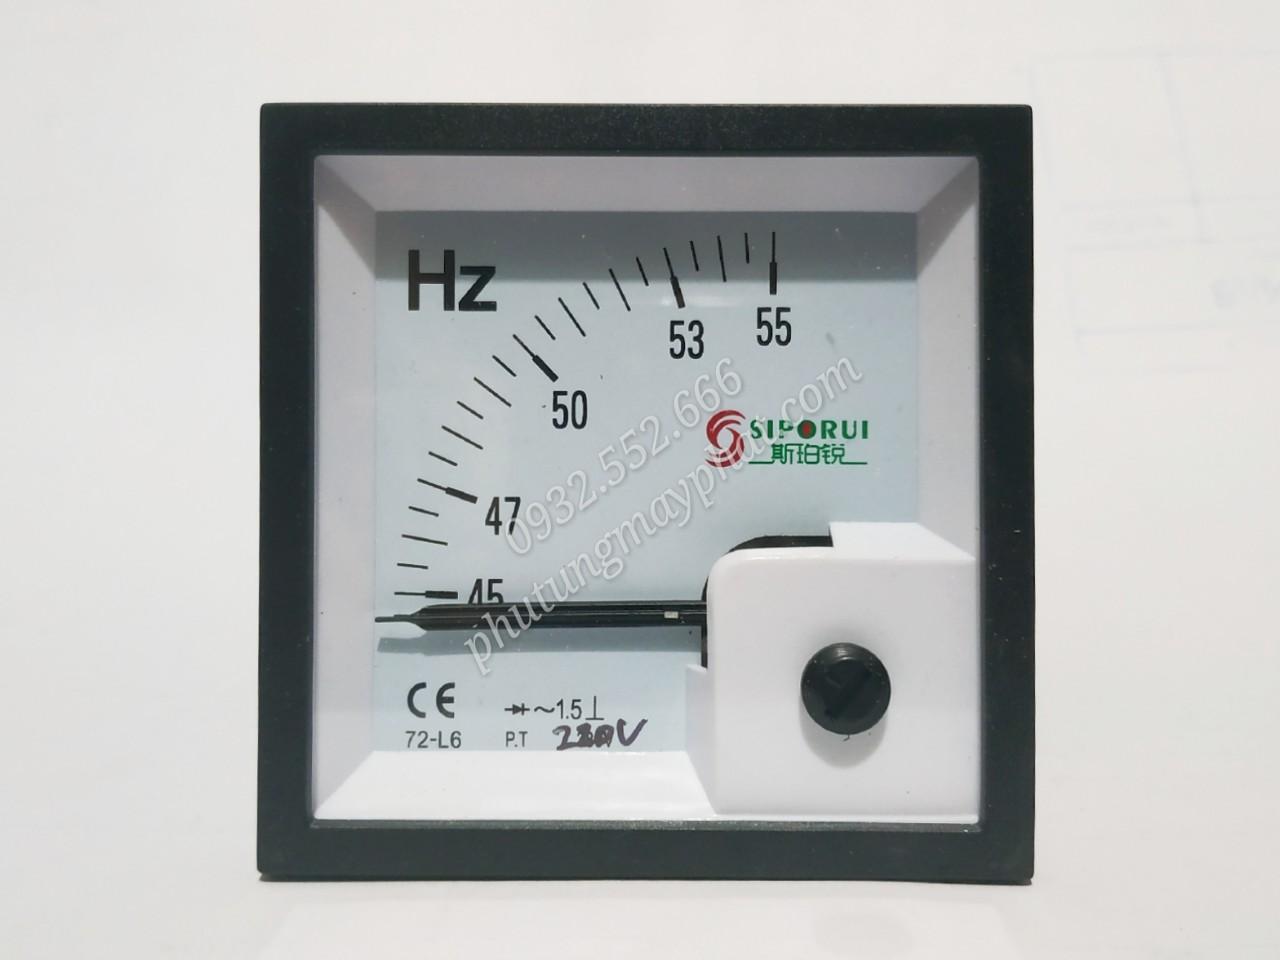 Đồng hồ hiển thị tần sô 72-L6